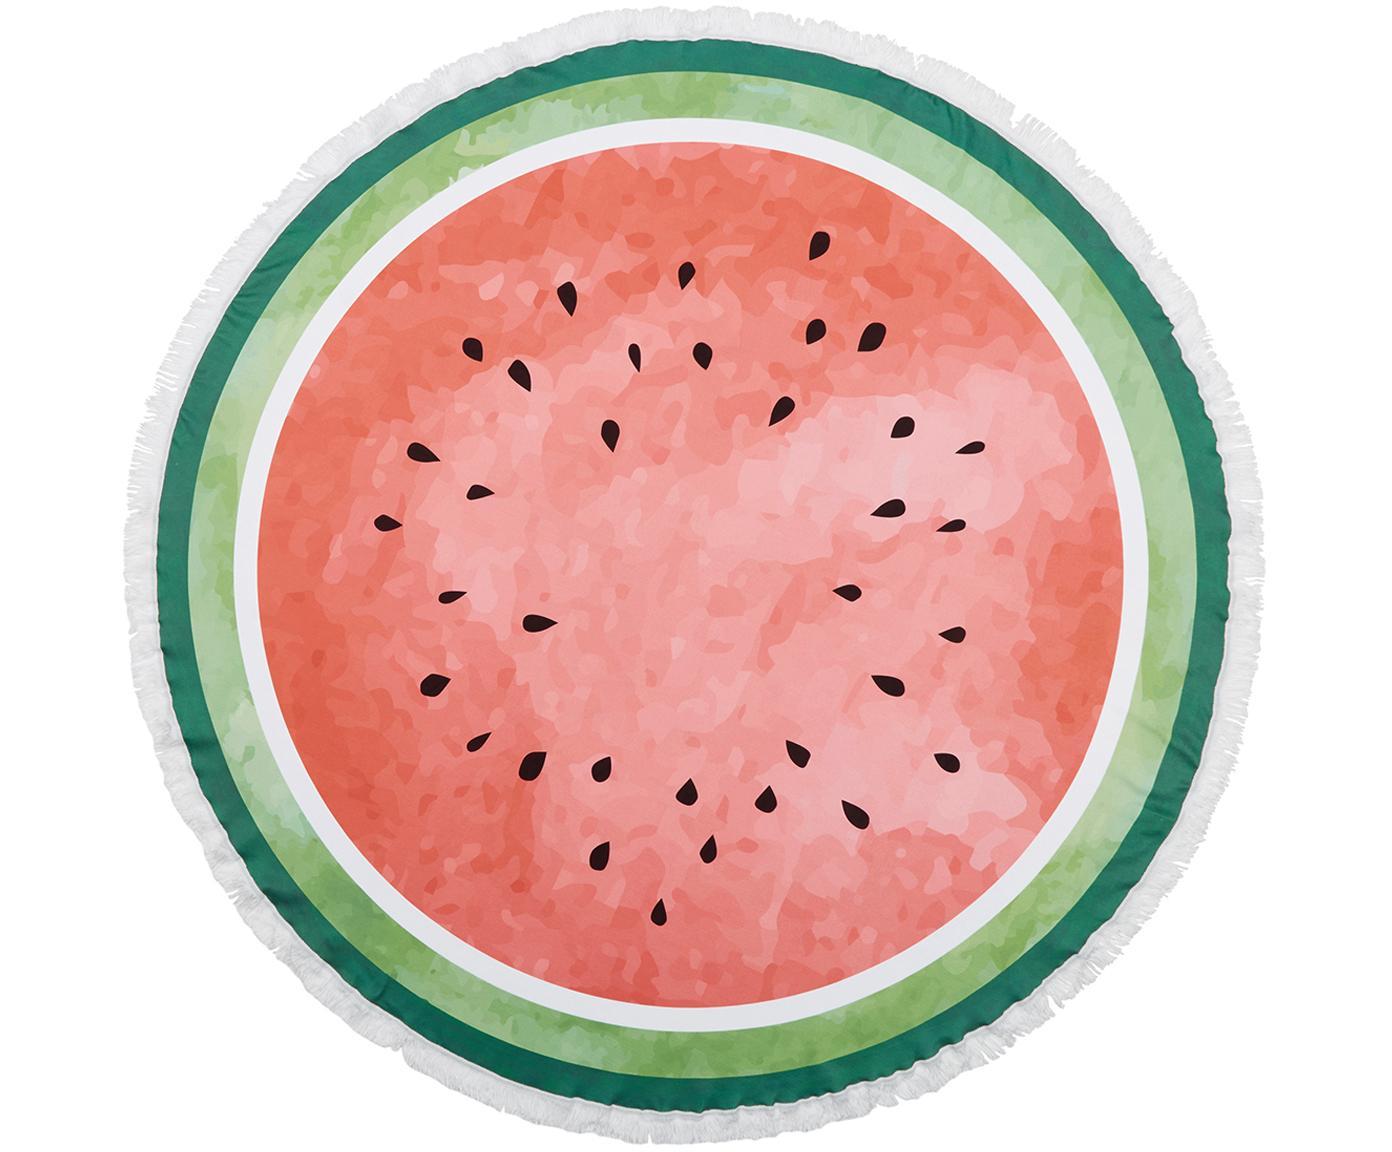 Rundes Strandtuch Melon, 55% Polyester, 45% Baumwolle Sehr leichte Qualität 340 g/m², Dunkgrün, Hellgrün, Rot, Ø 150 cm